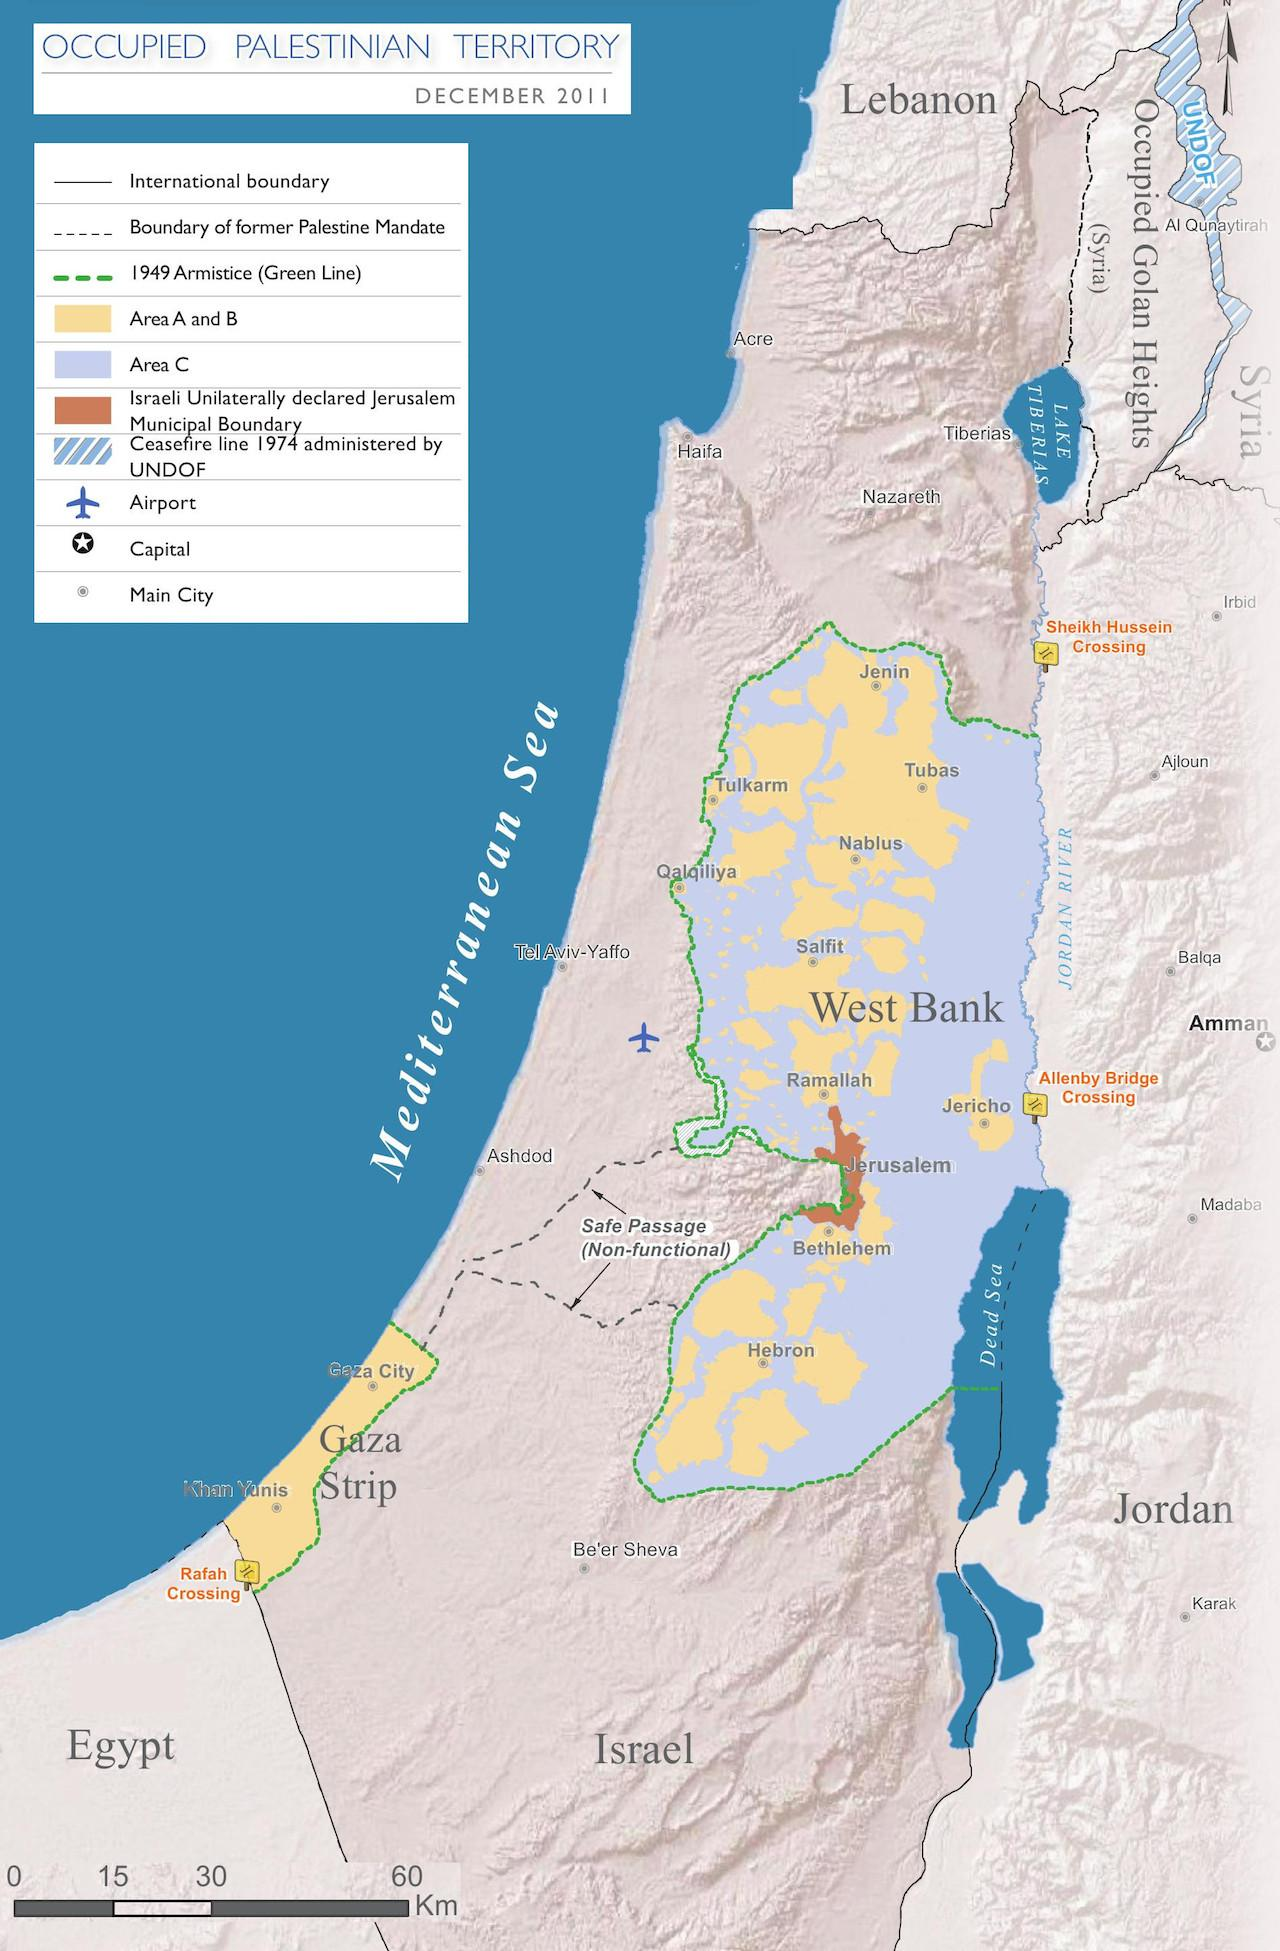 แผนที่ซึ่งแสดงให้เห็น อาณาเขตของอิสราเอล รวมถึงพื้นที่เขตเวสต์แบงก์ และฉนวนกาซา ที่อยู่ในการครอบครองของอิสราเอล